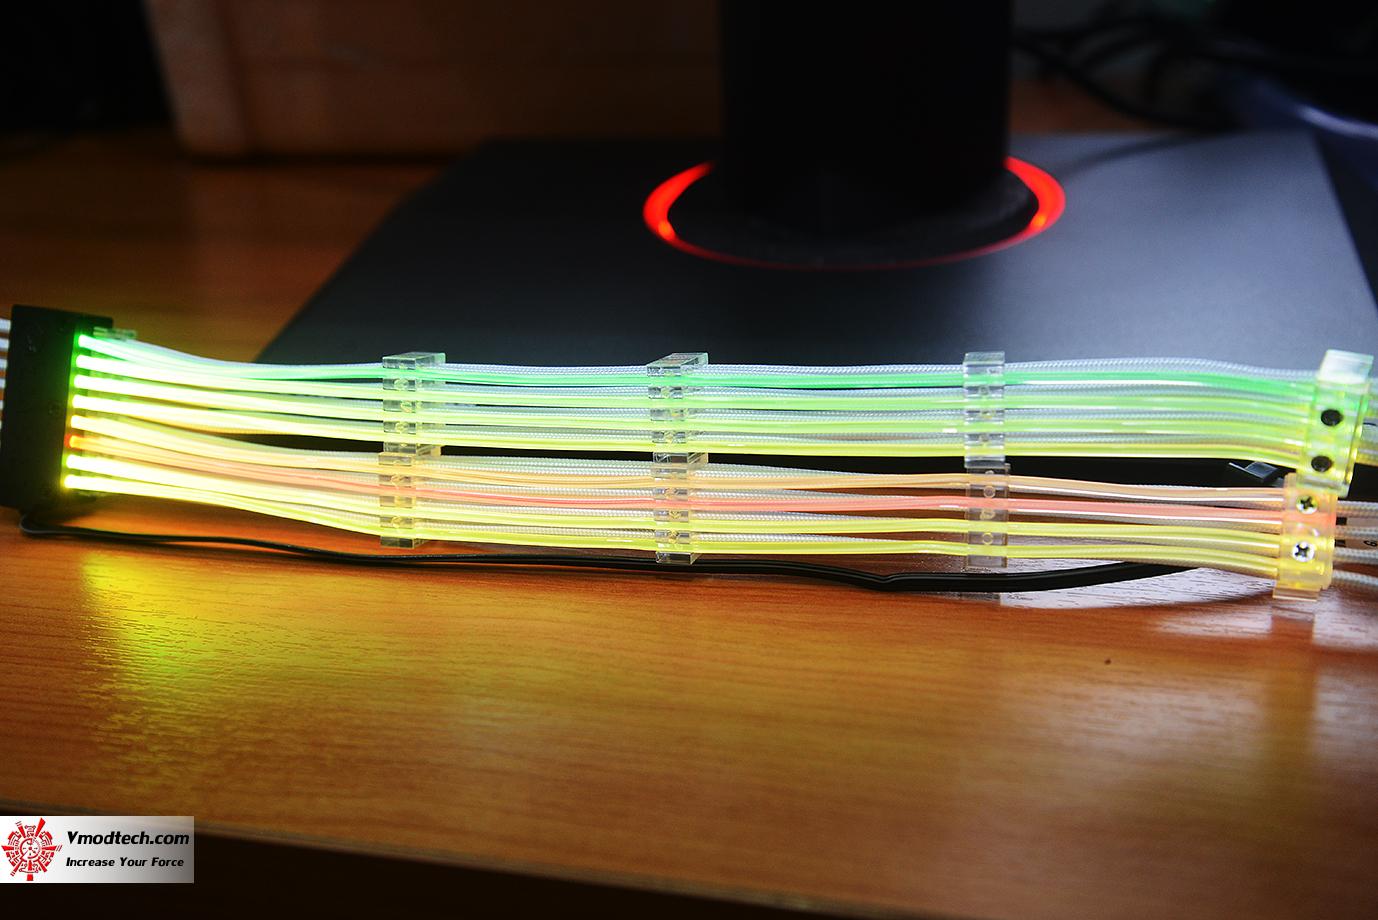 dsc 8745 Lian Li Strimer 8Pin RGB Cable Review